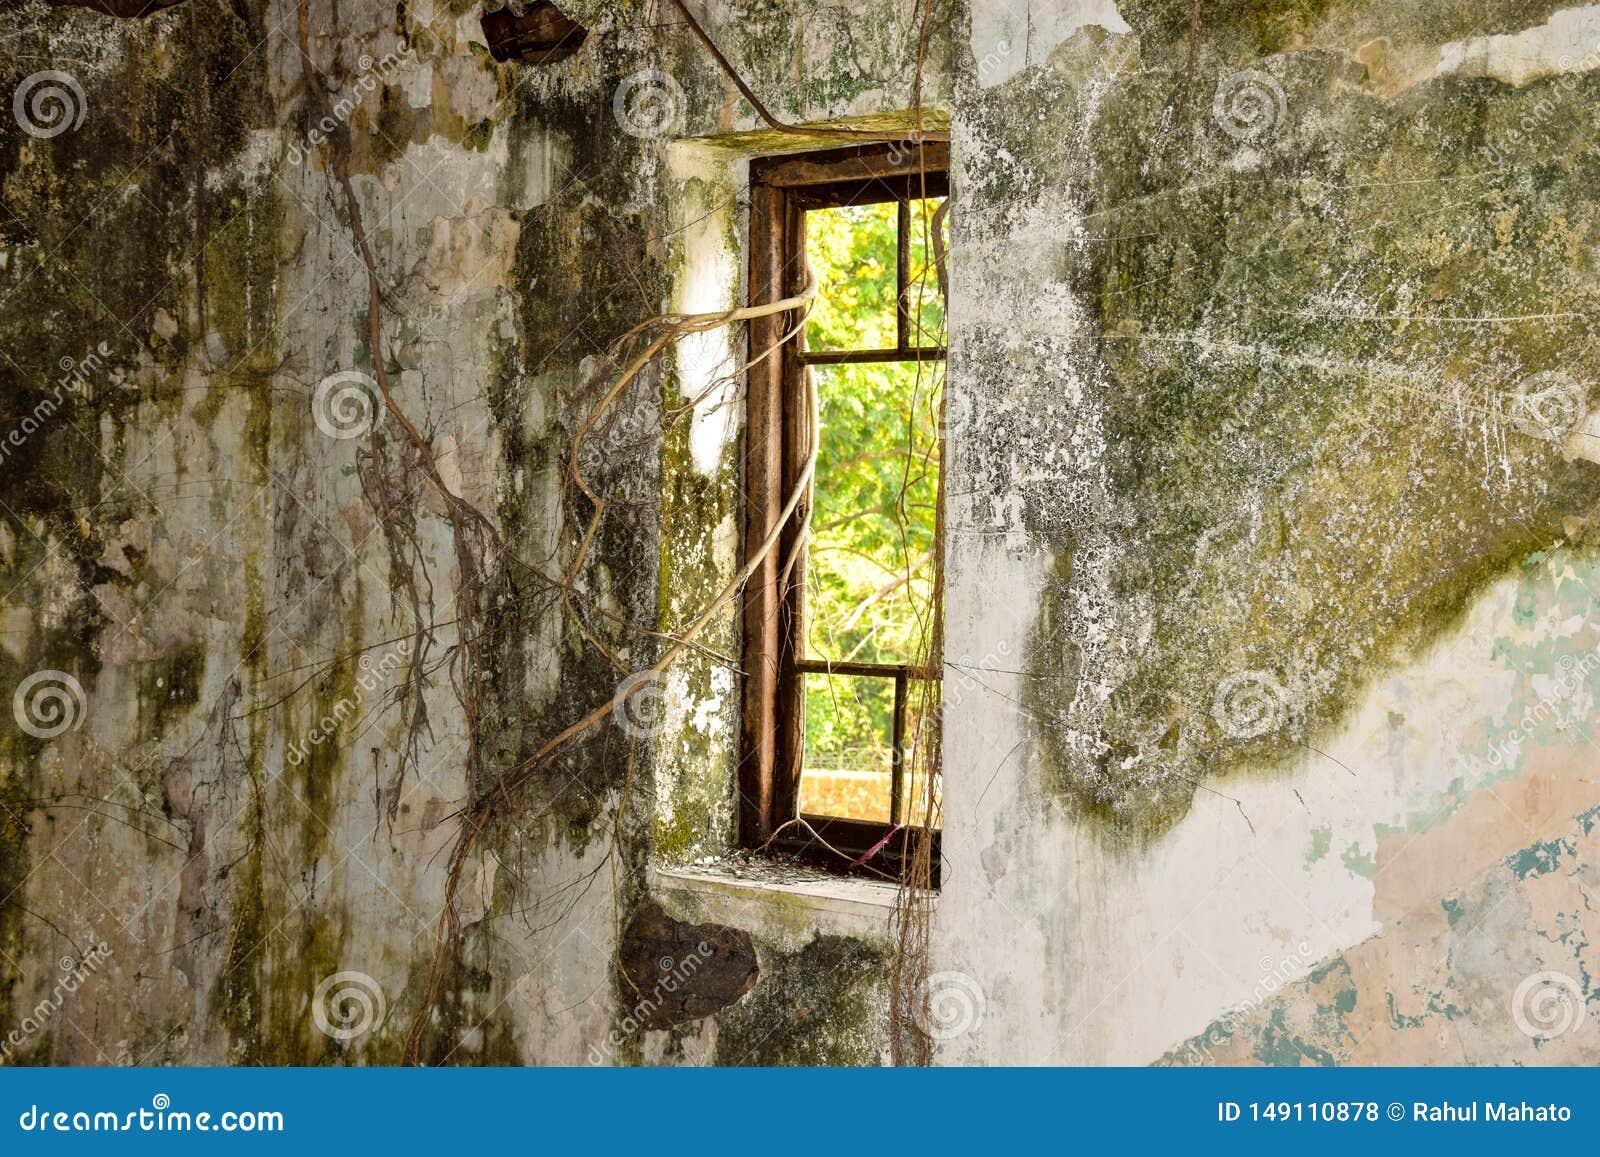 Stary awaryjny okno z banyan tokuje w ciemnym pokoju